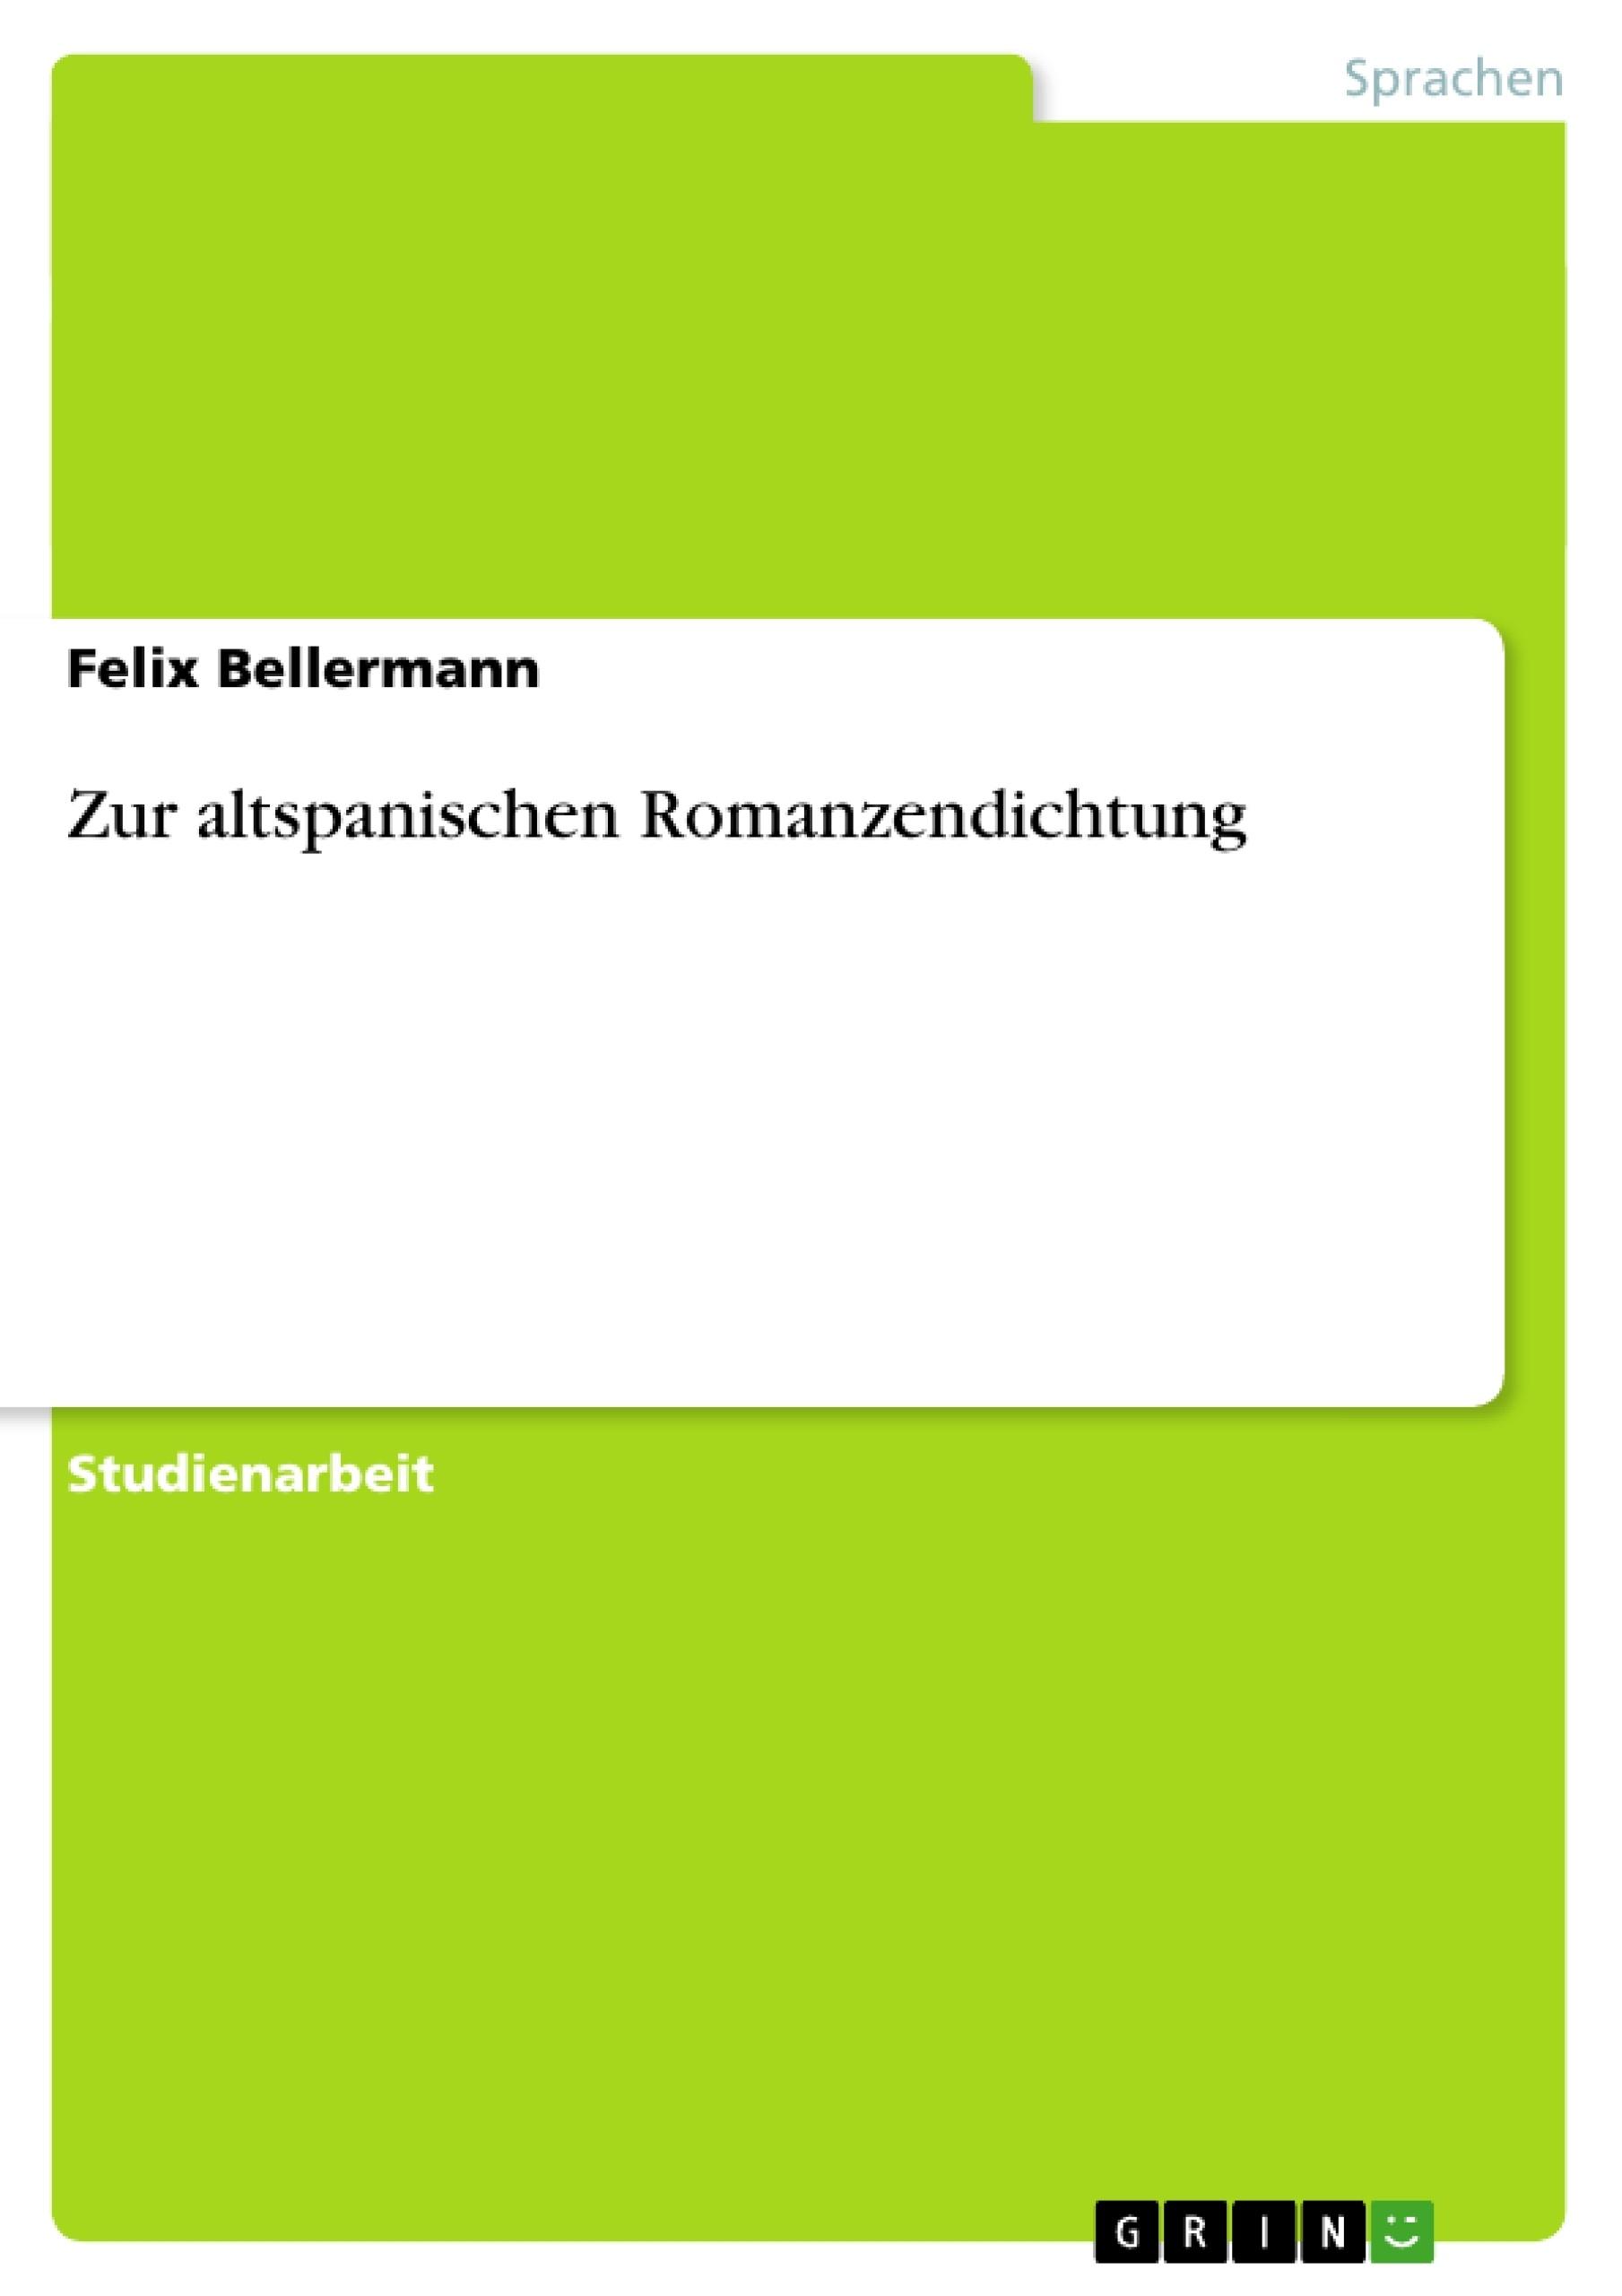 Titel: Zur altspanischen Romanzendichtung